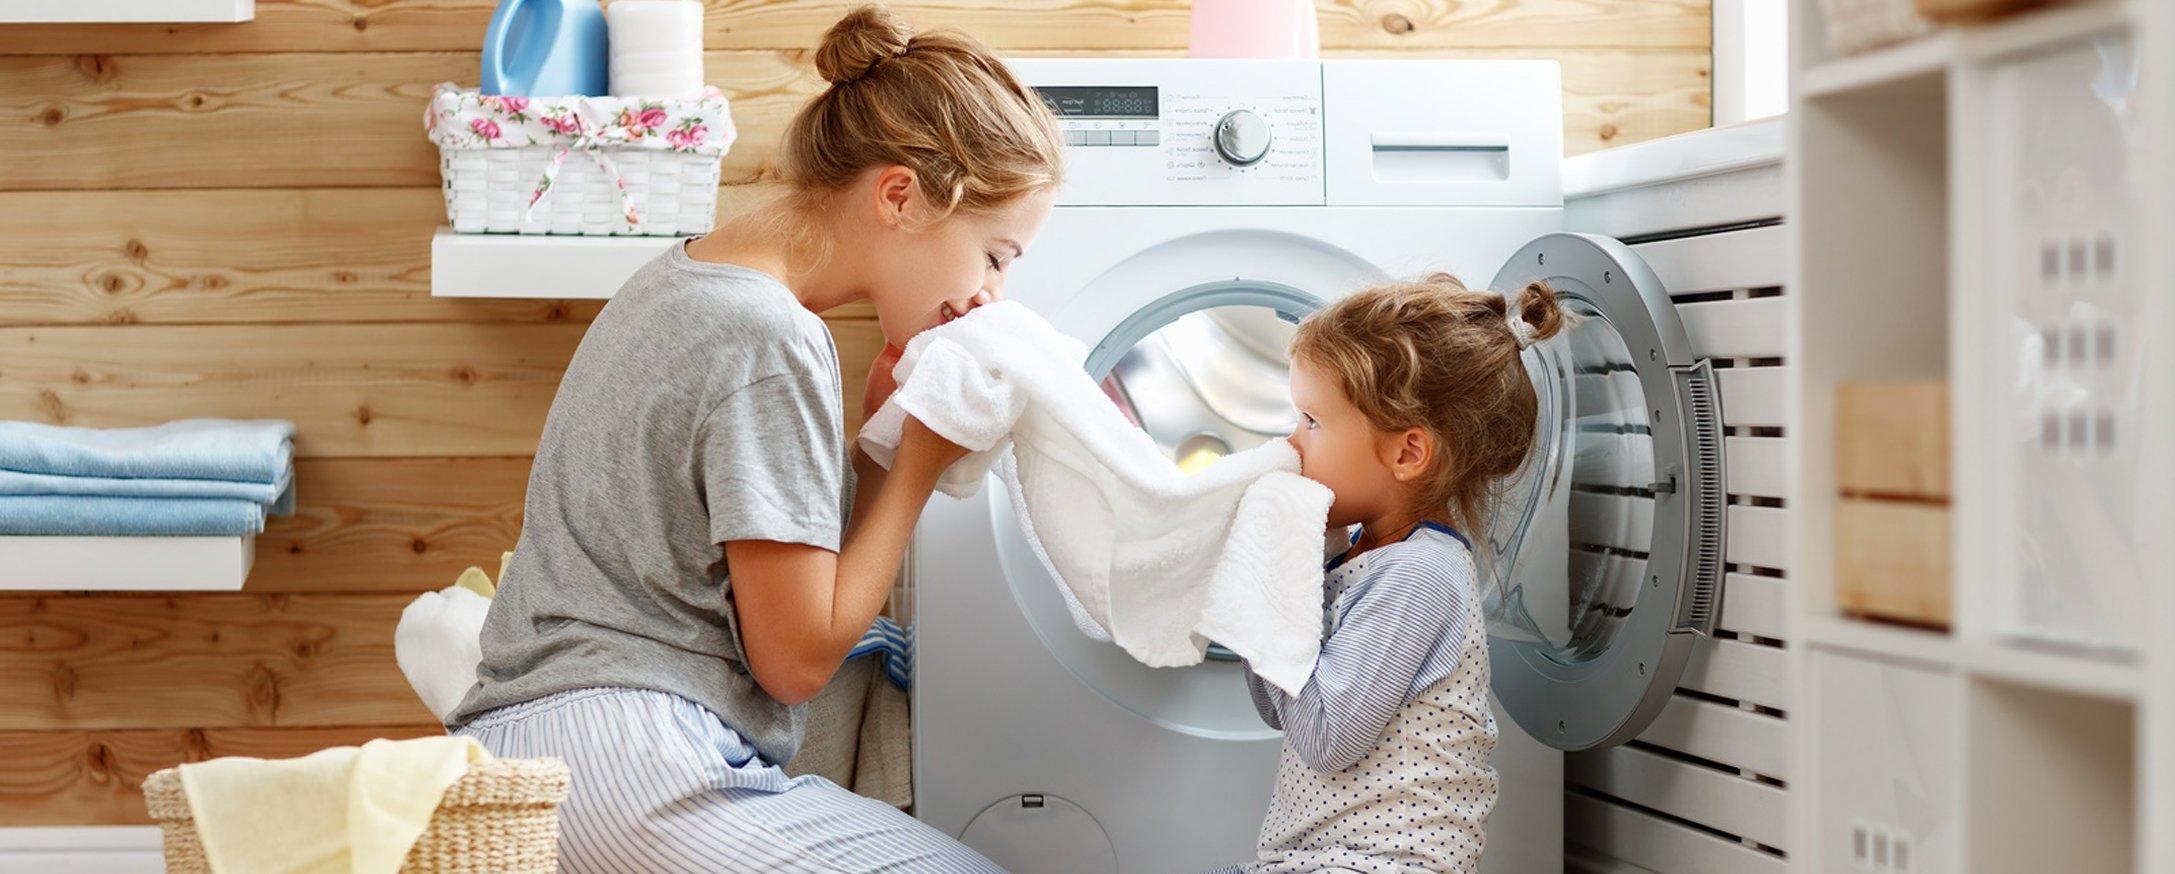 Recambios para lavadoras en Madrid